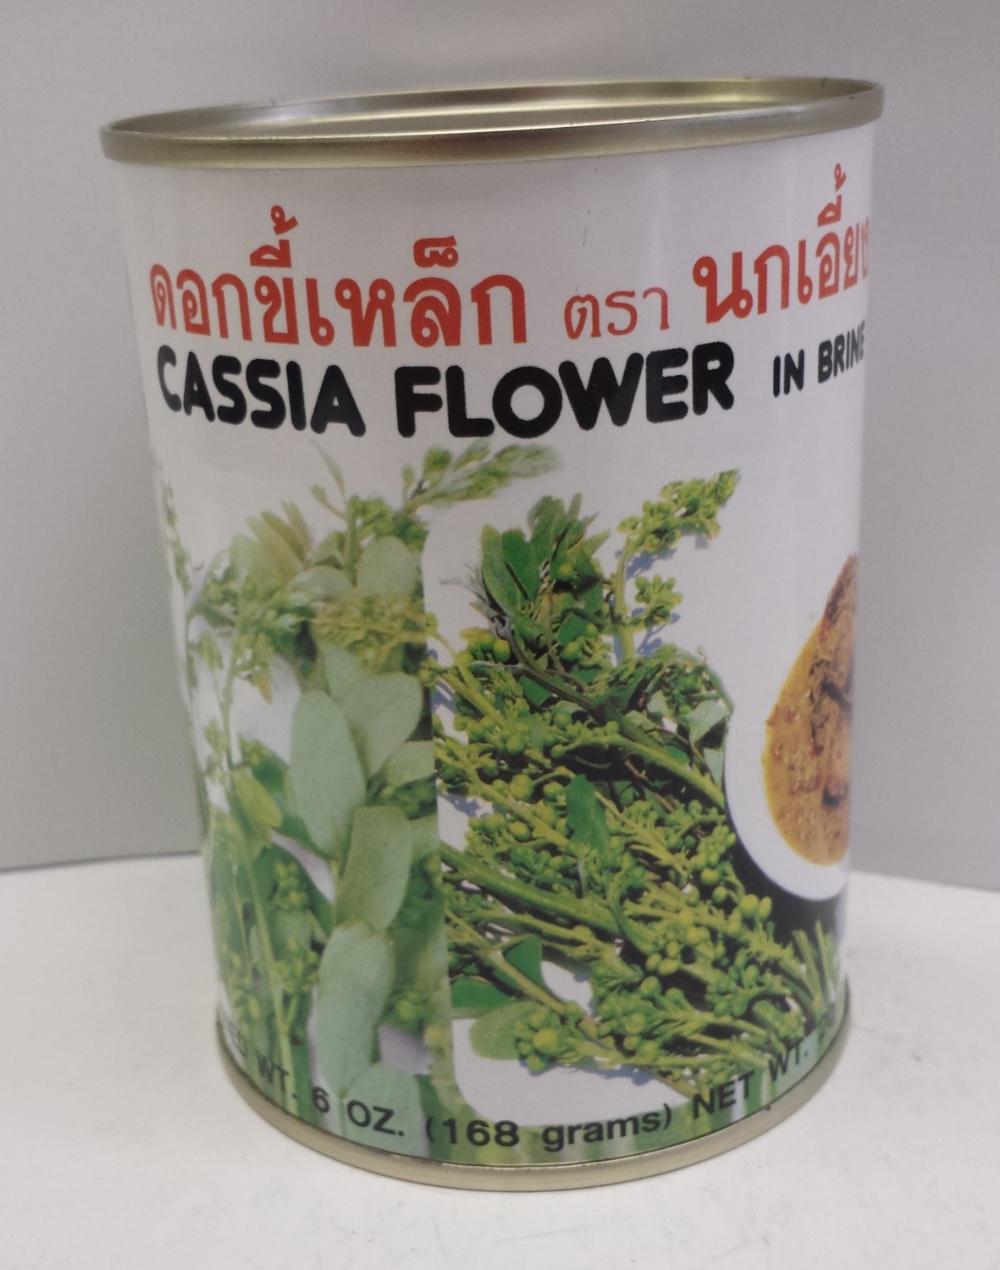 Cassia Flower in Brine    Singing Bird   PK11240 24x20 oz